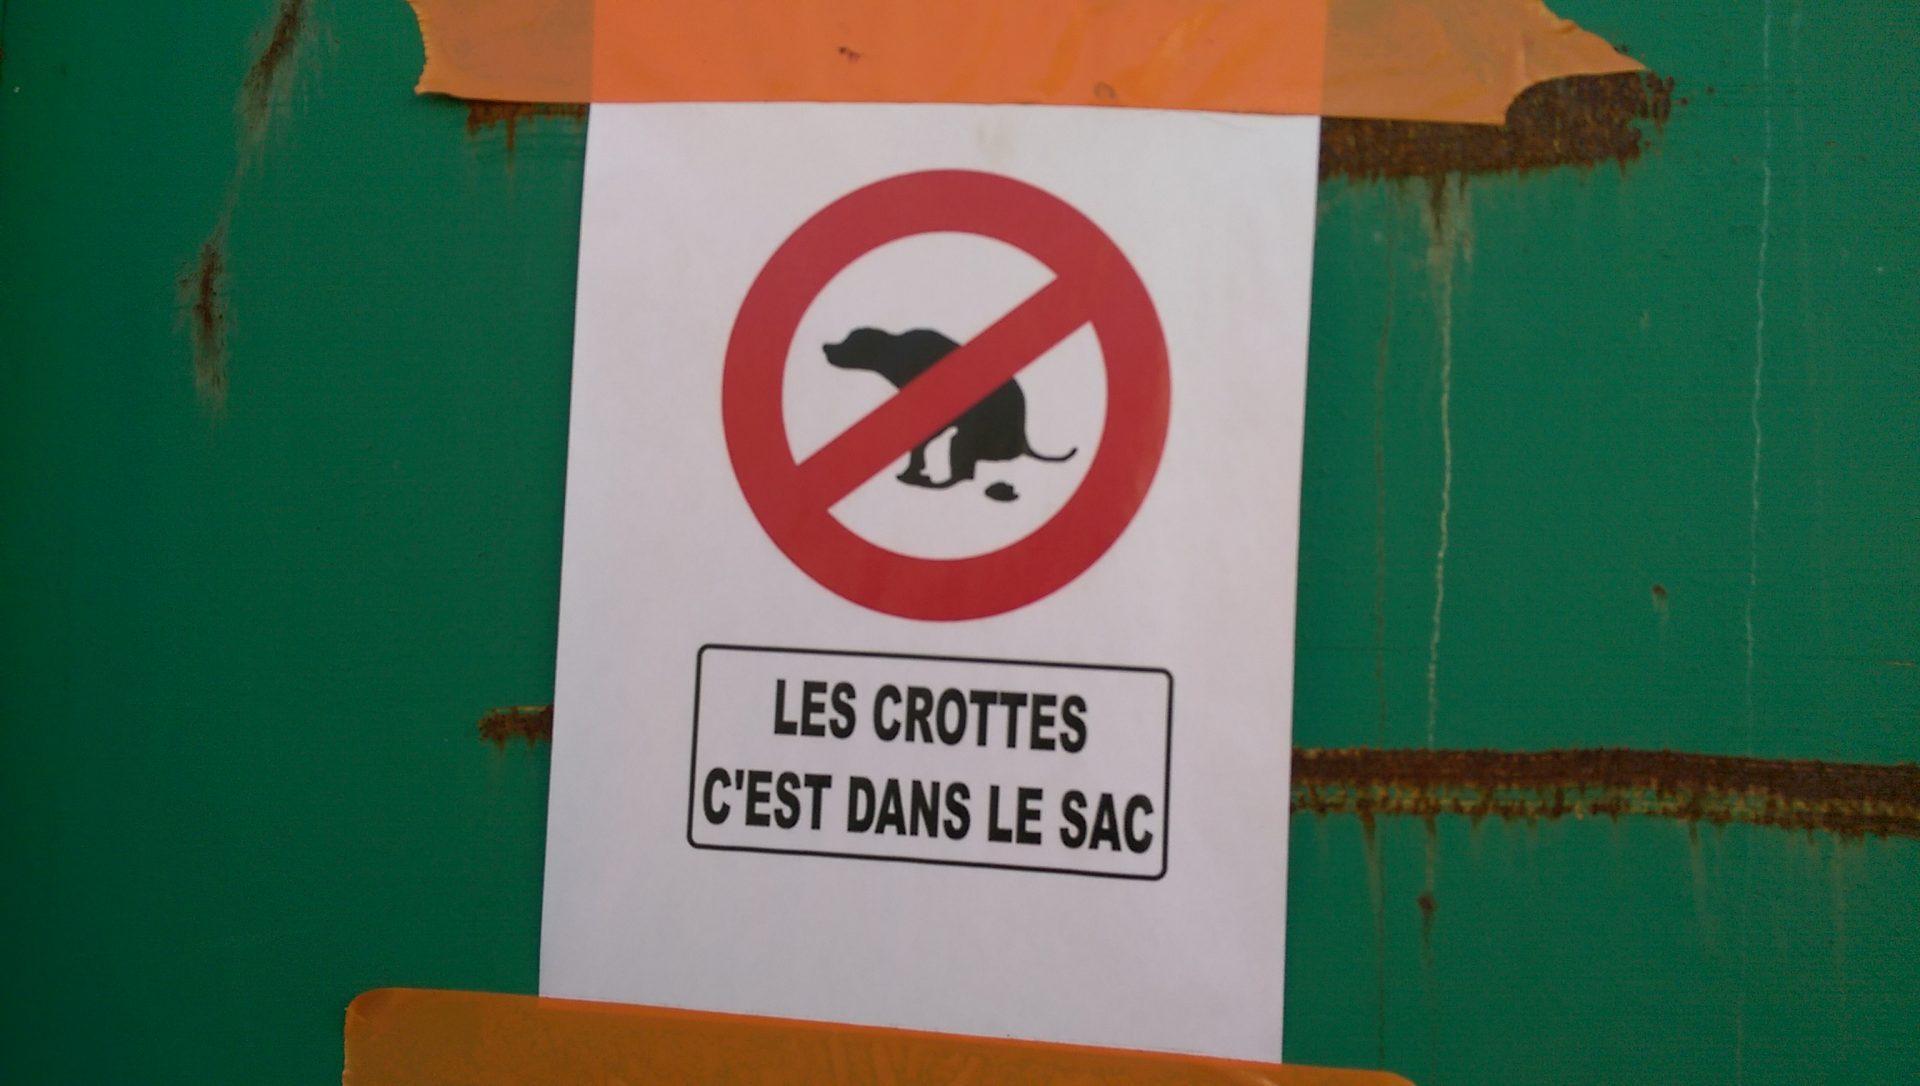 Les crottes de chien c'est organique - Crédit photo izart.fr